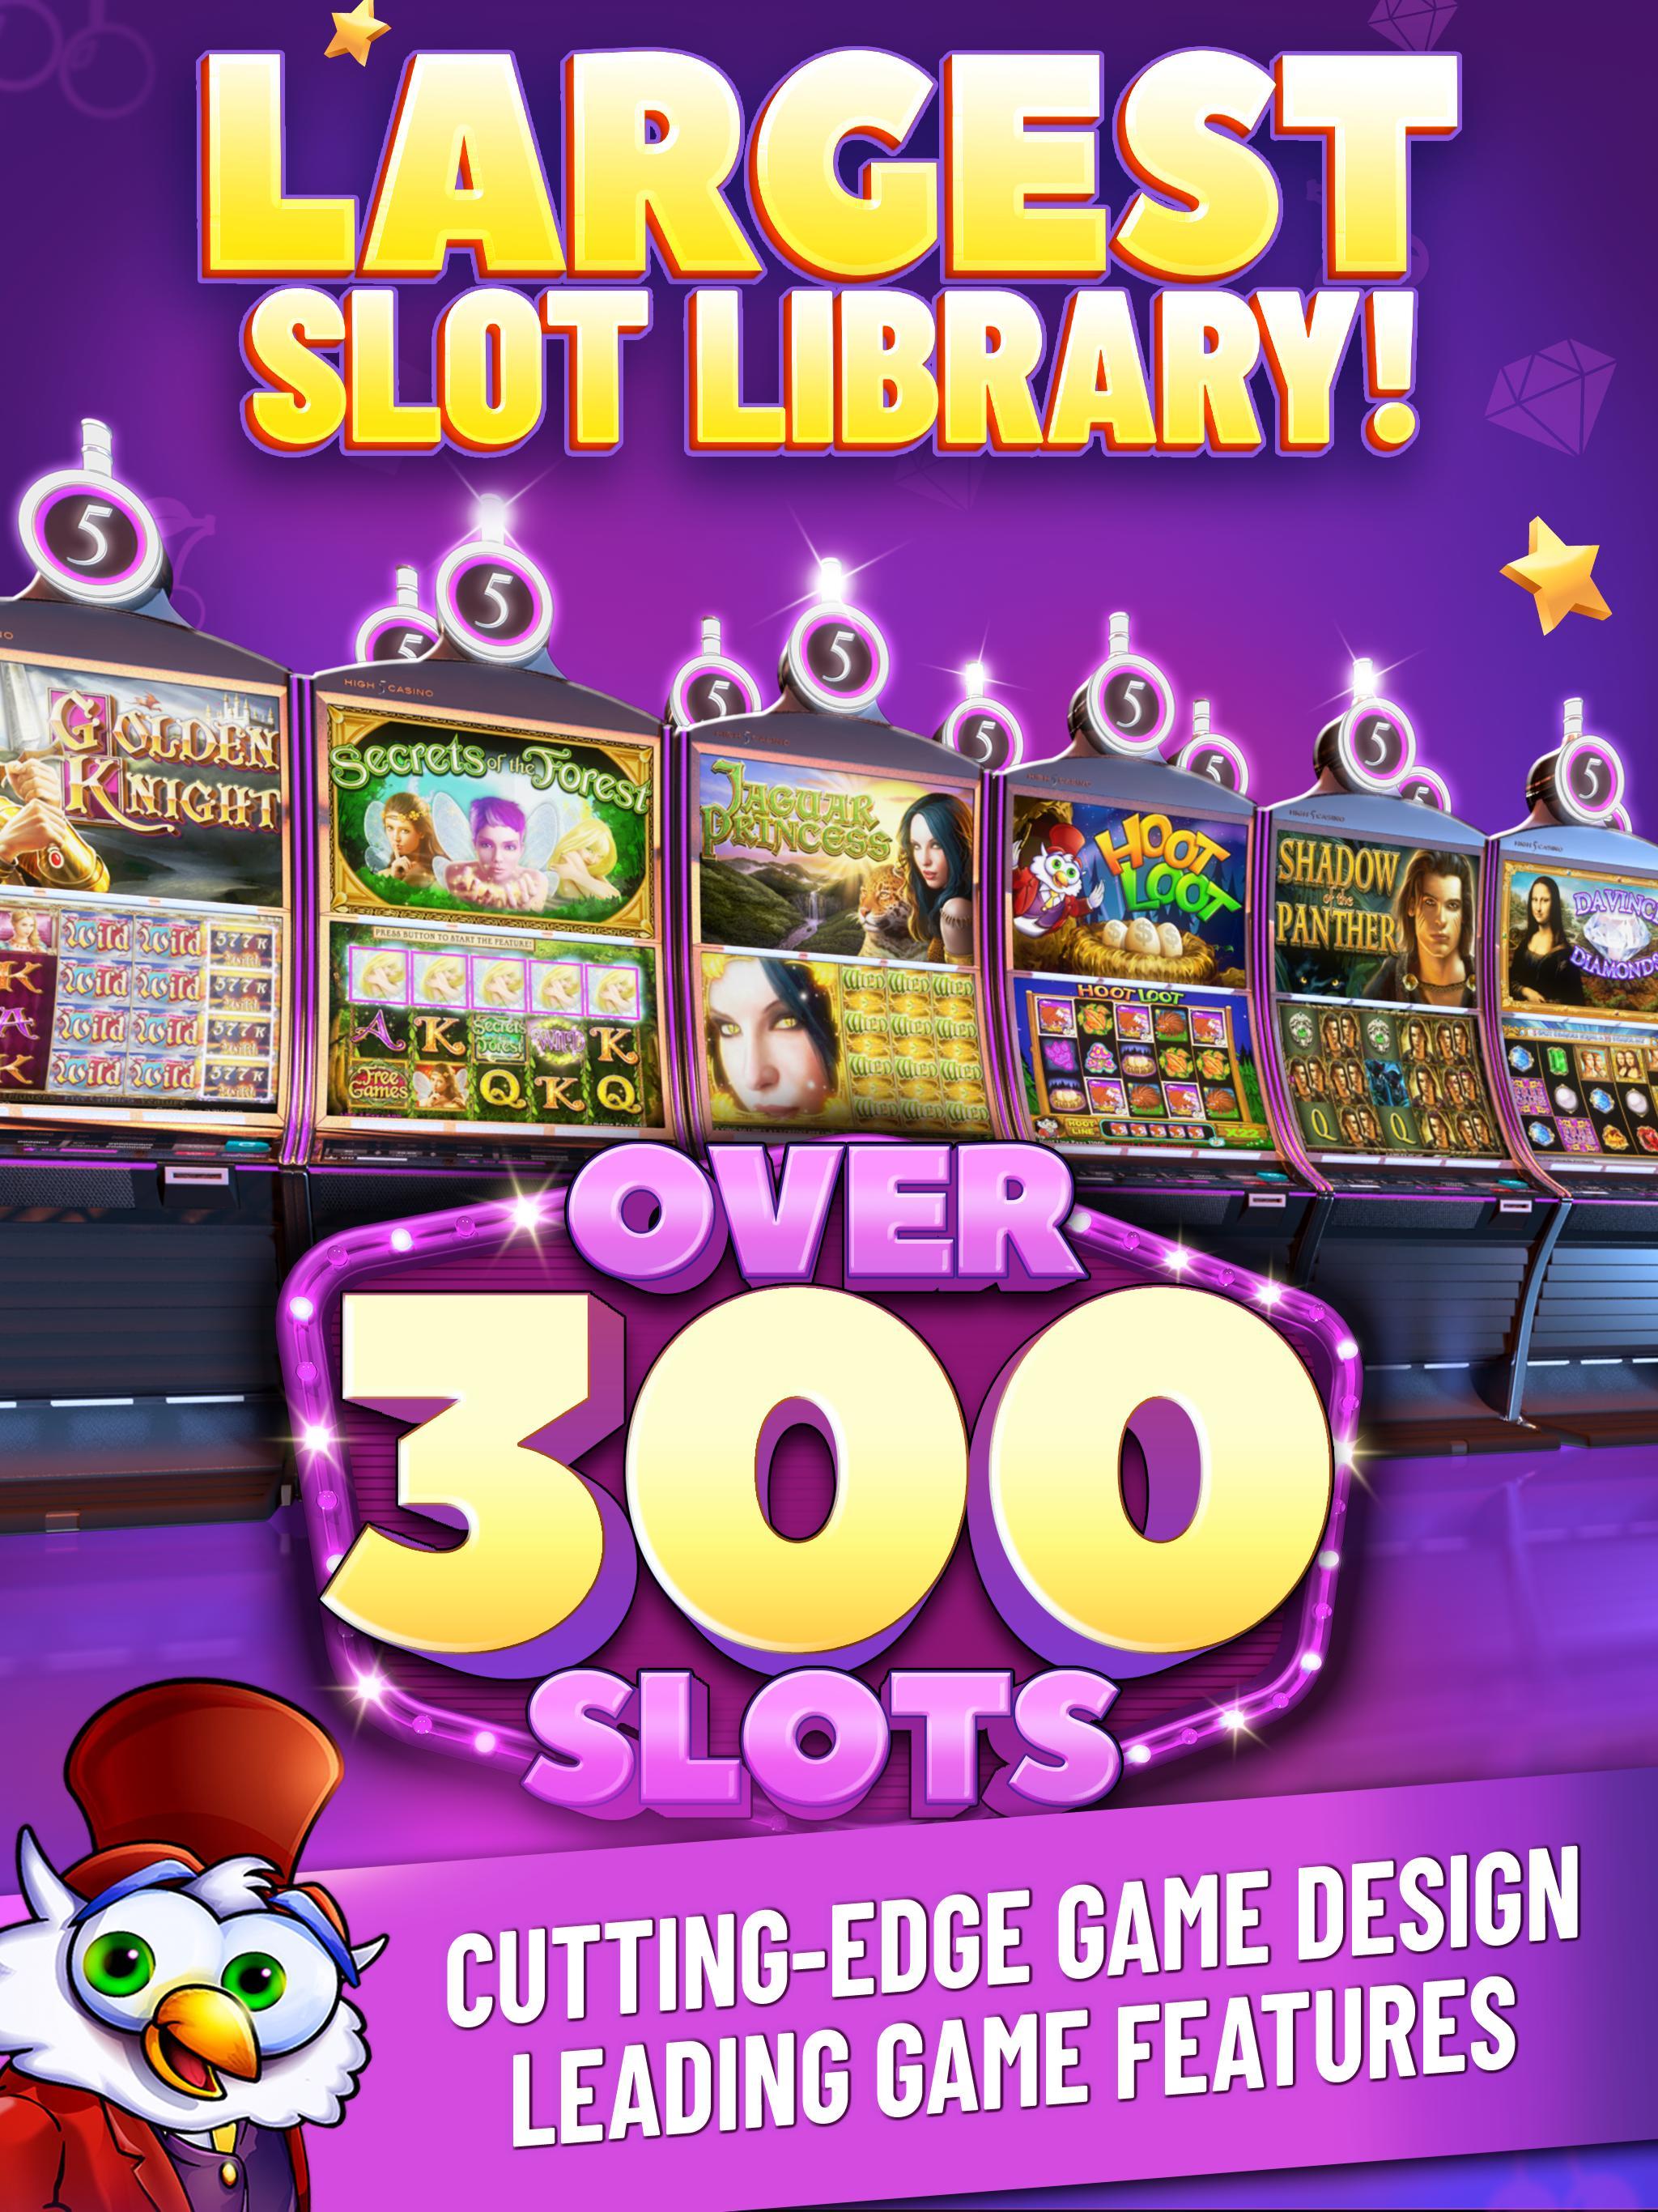 Fun.High 5 Casino.Com Social